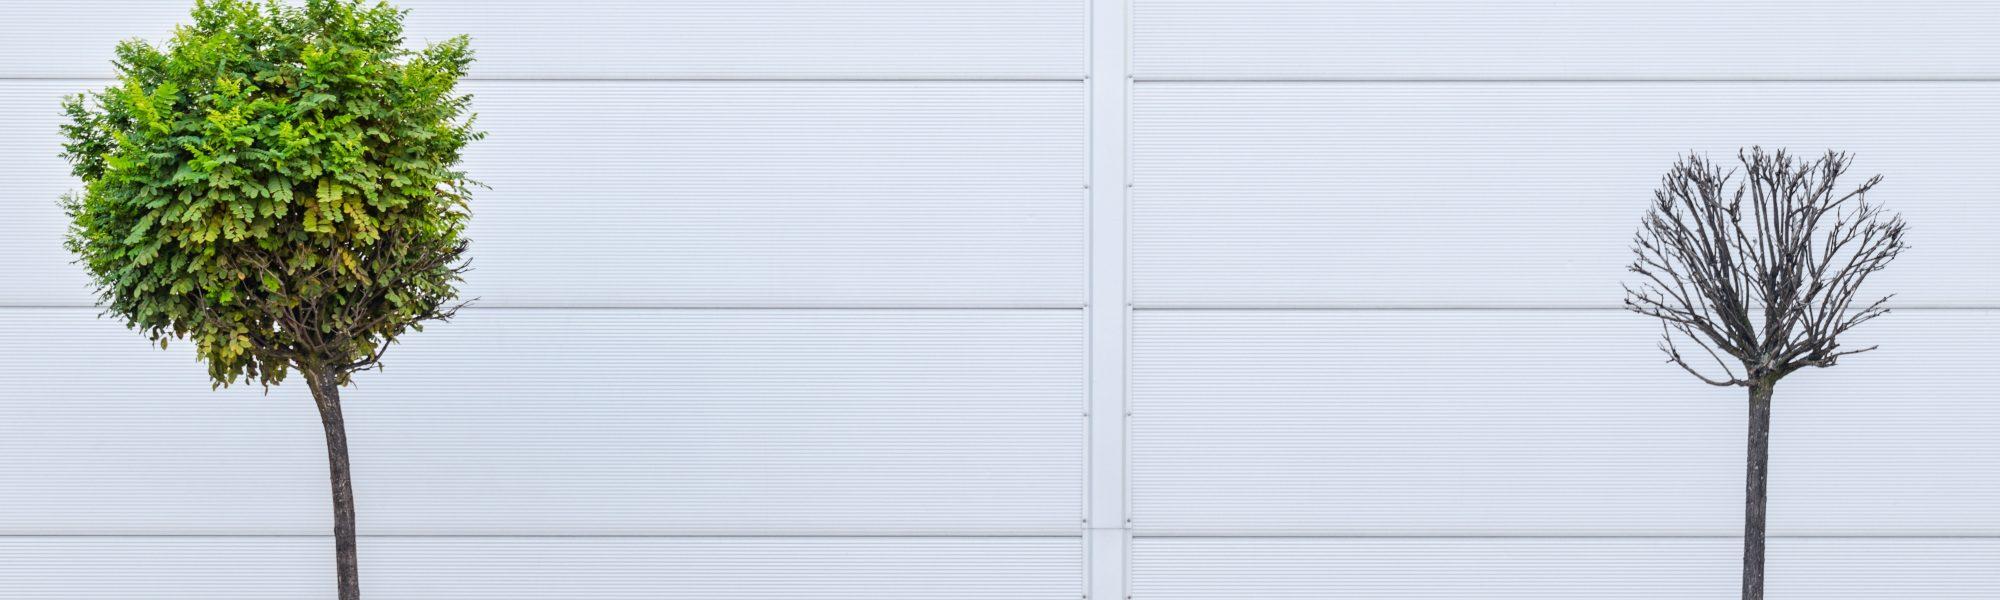 pawel-czerwinski-789323-unsplash